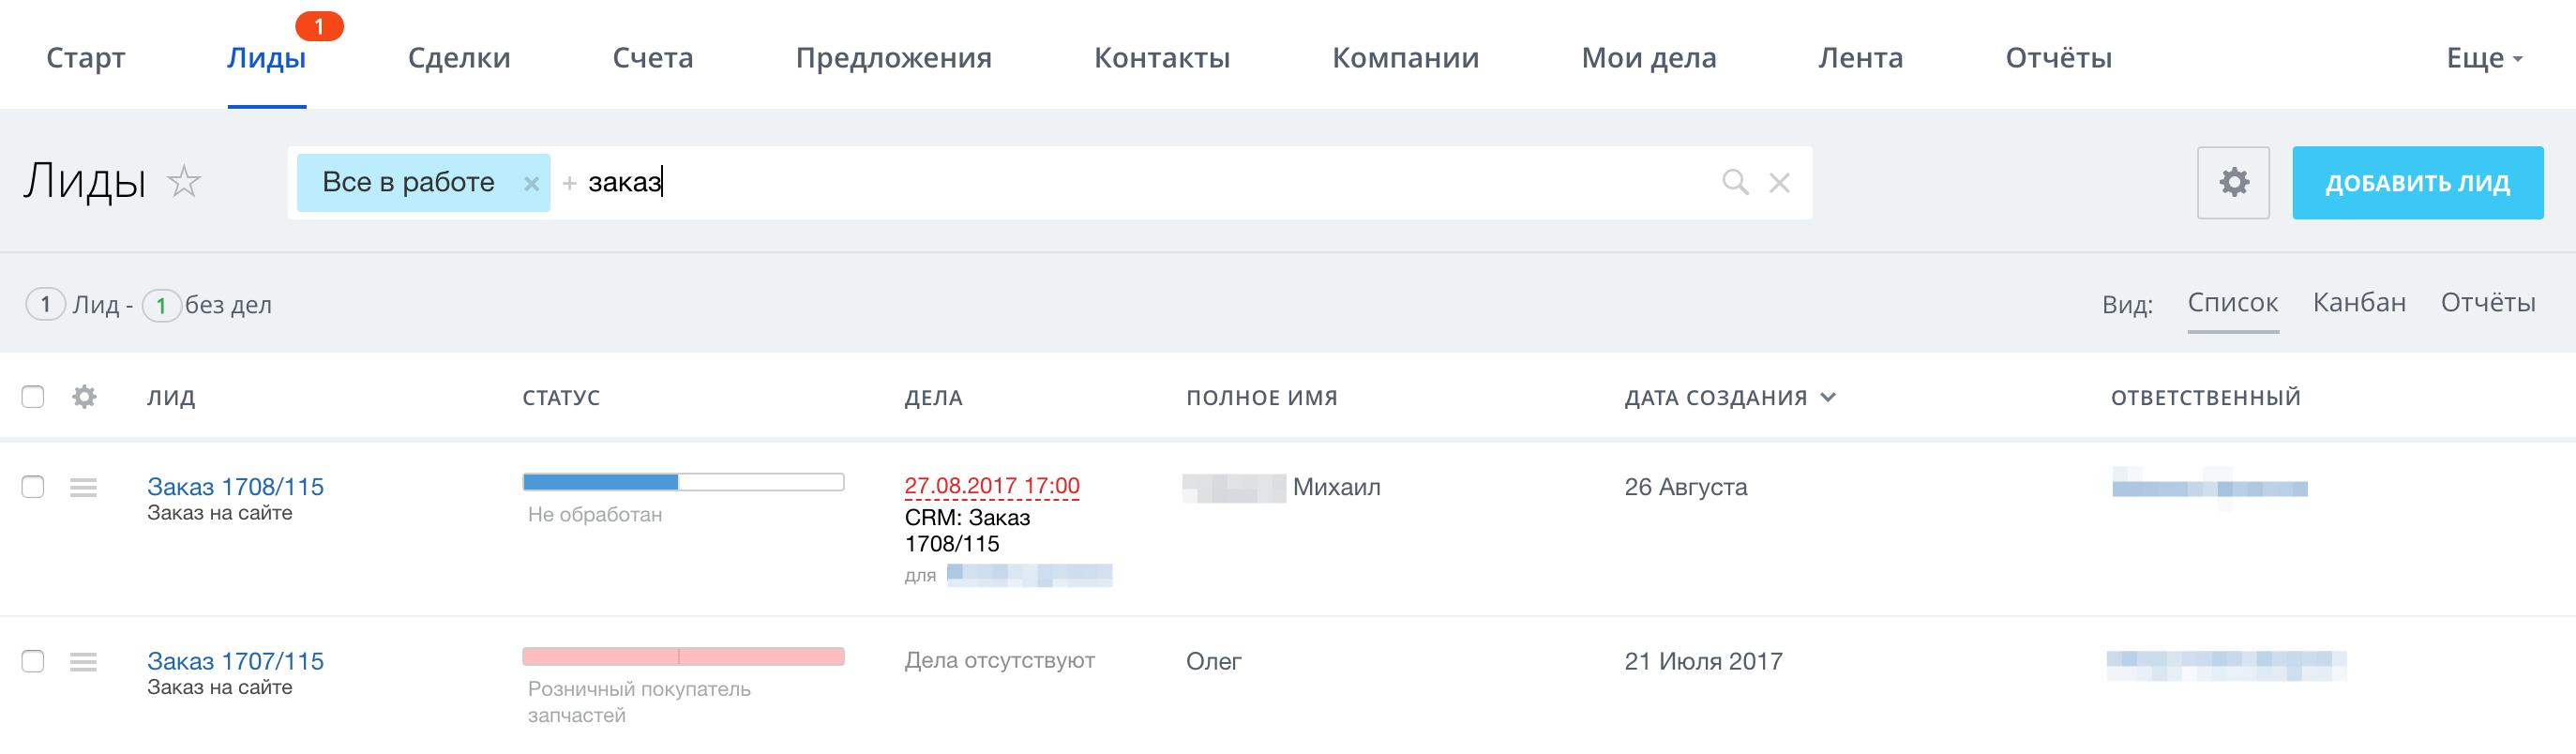 Битрикс 24 заказы битрикс24 скачать для windows phone